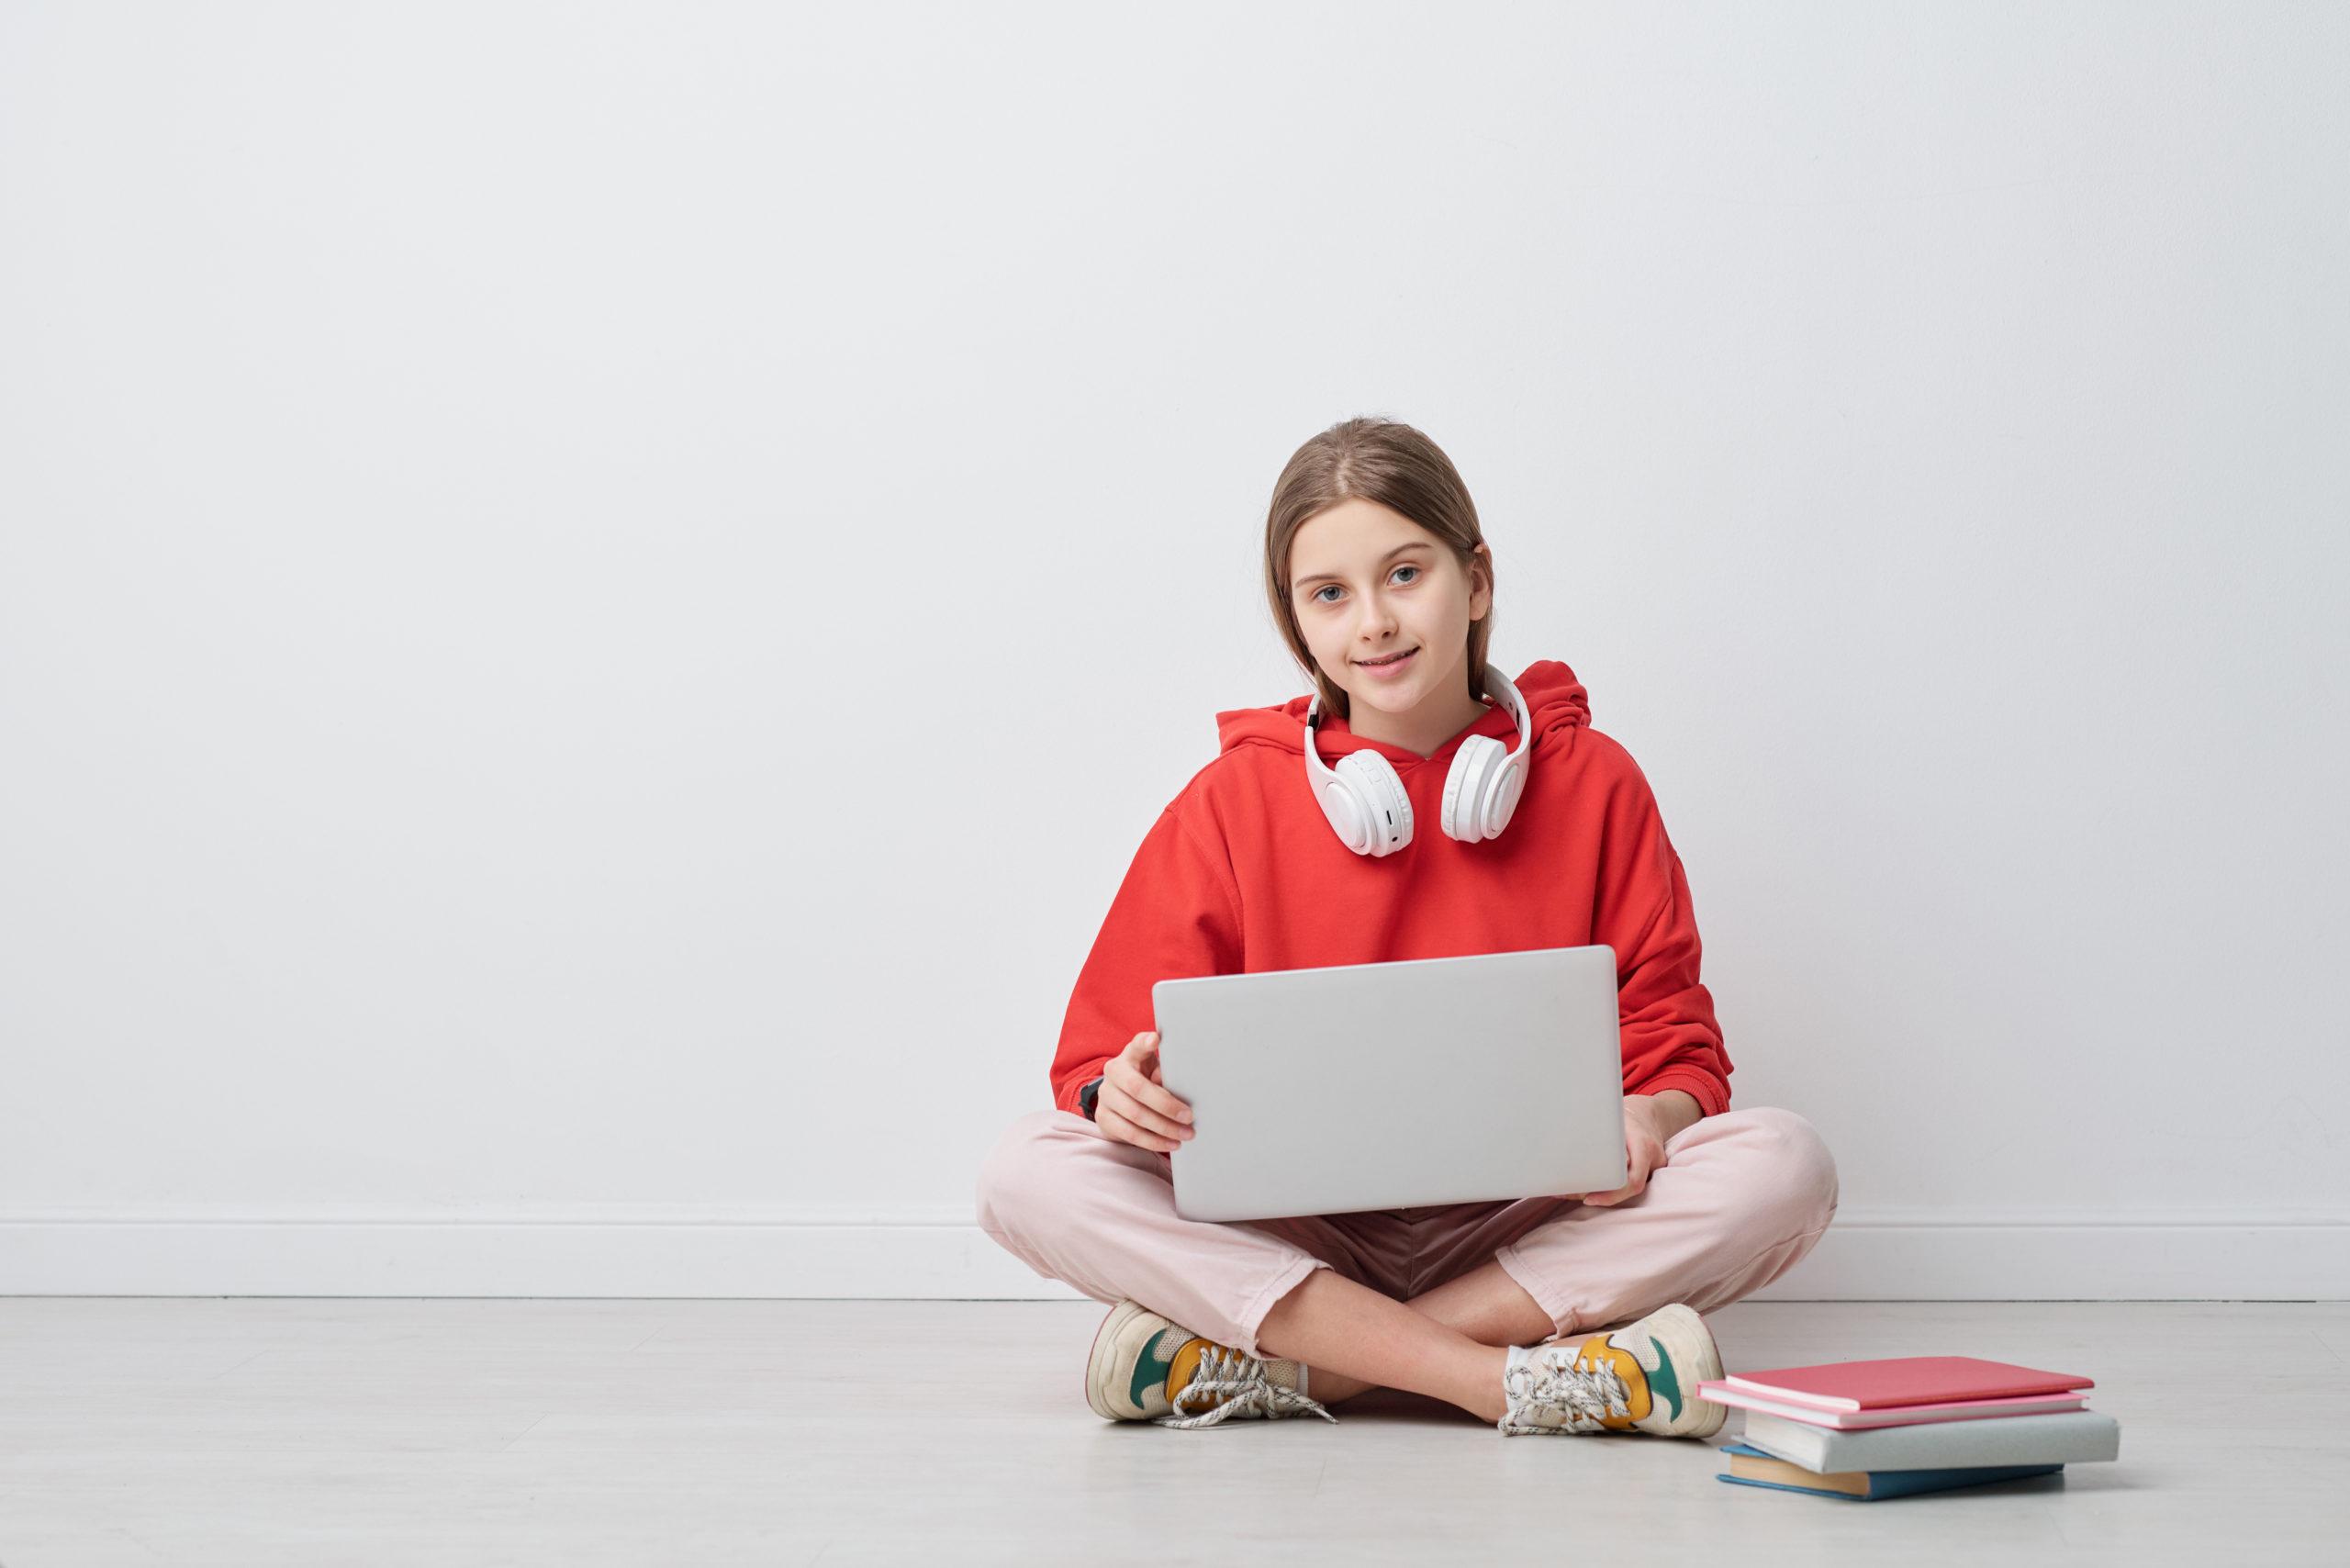 Курс английского для подростка: как выбрать?